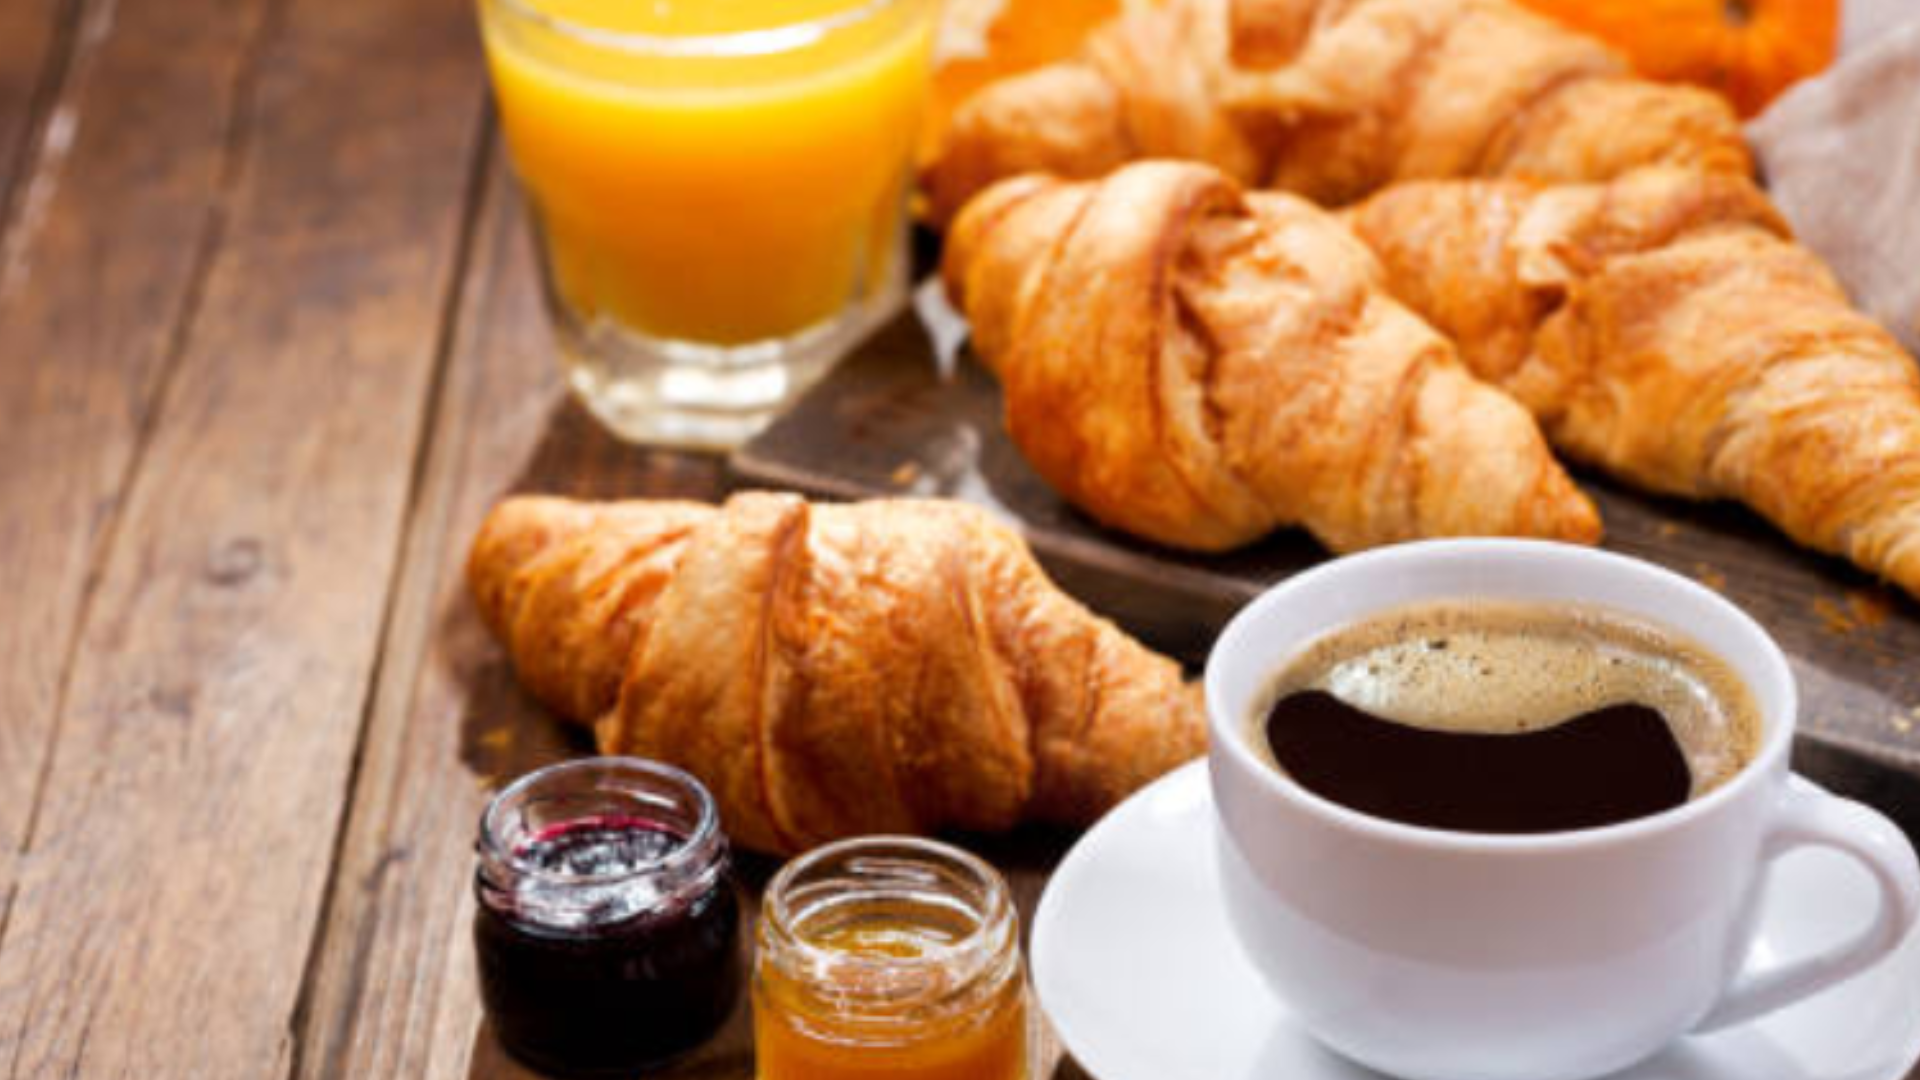 breakfaststock